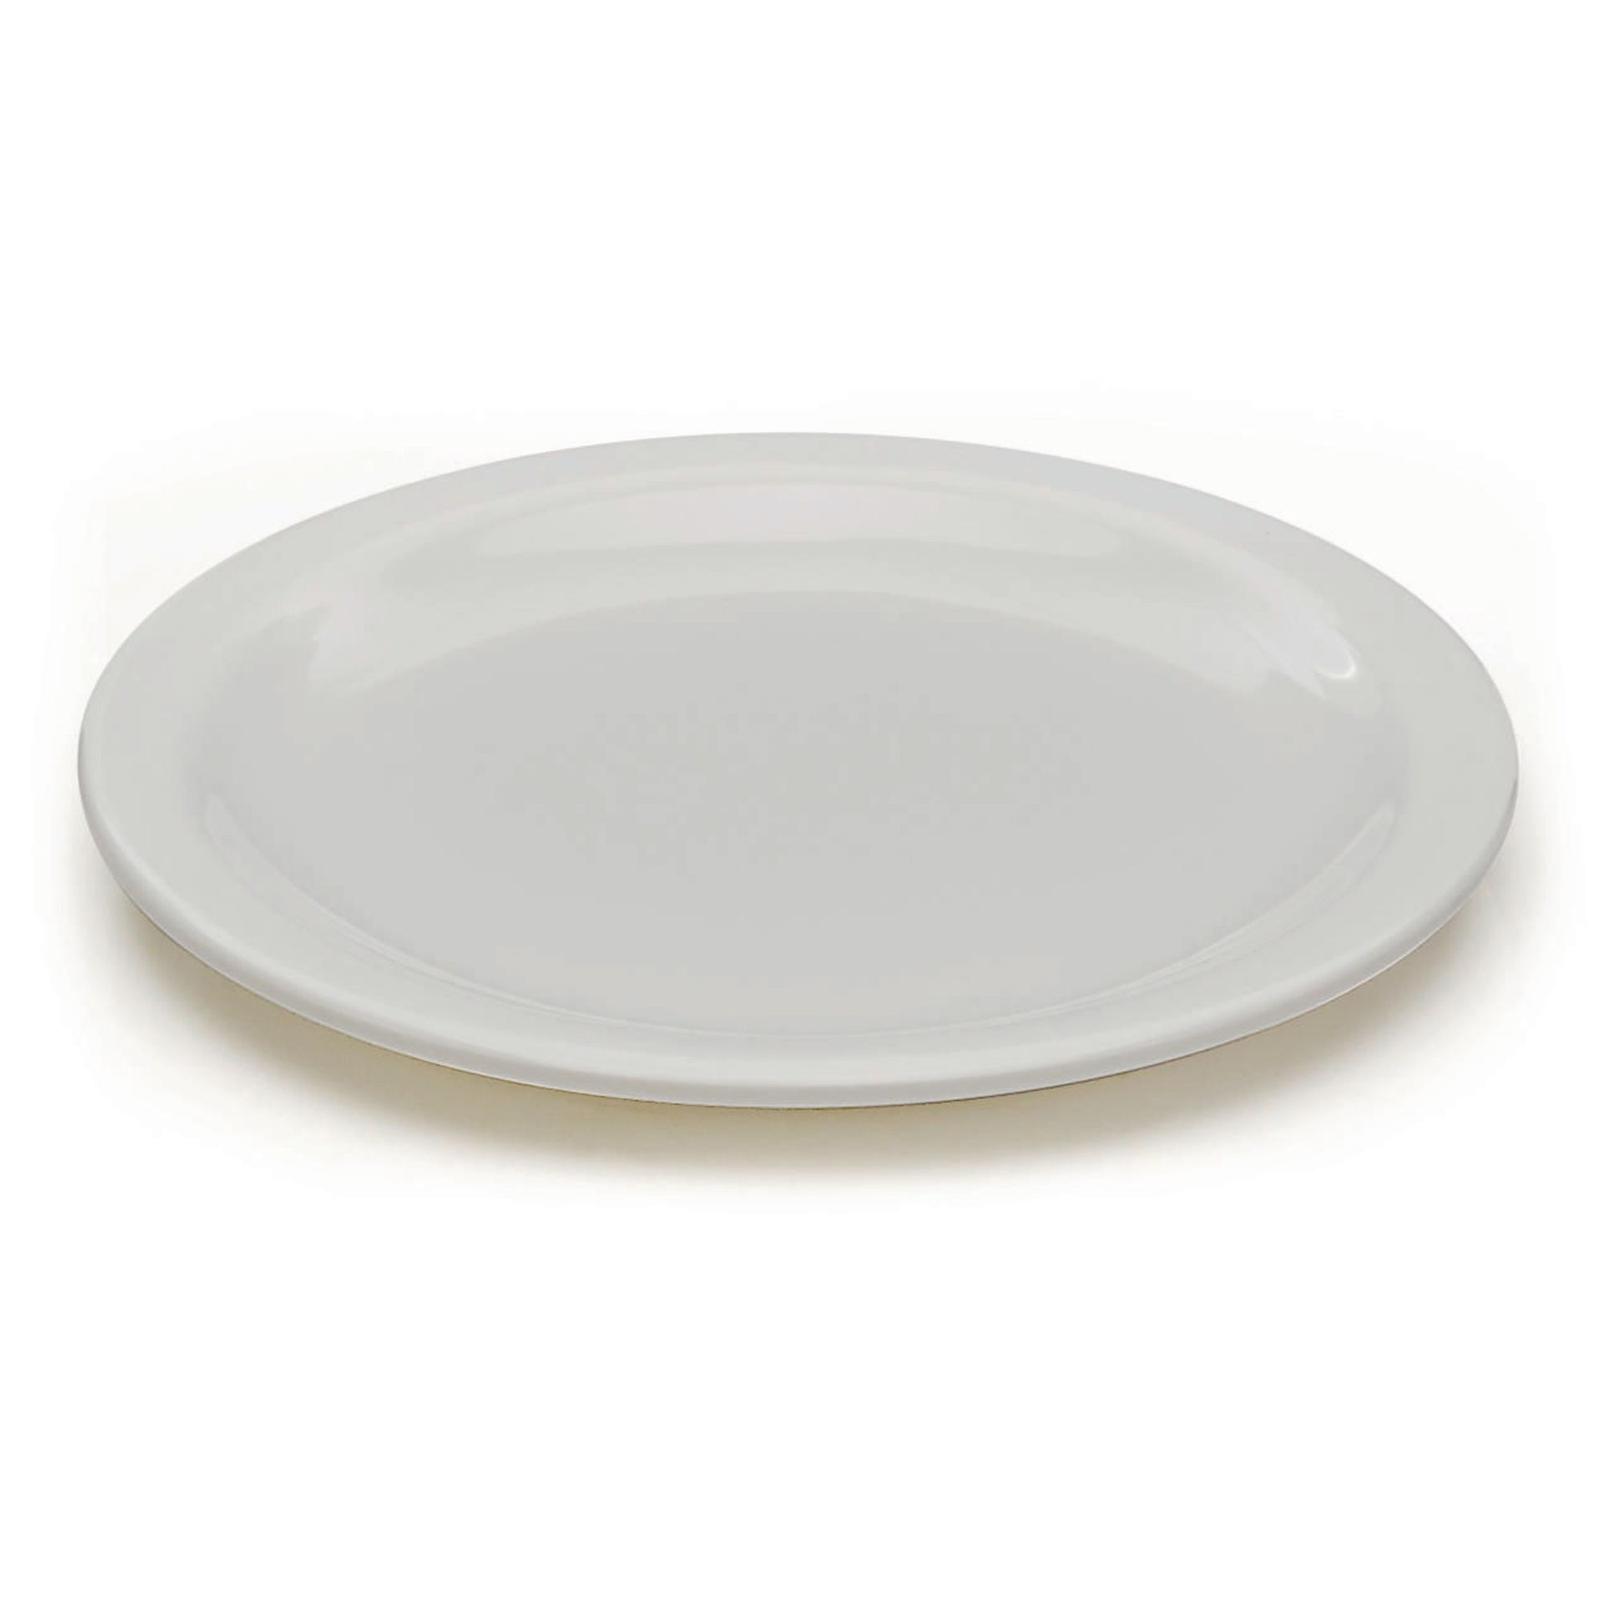 White Melamine Tableware - 165mm Plate